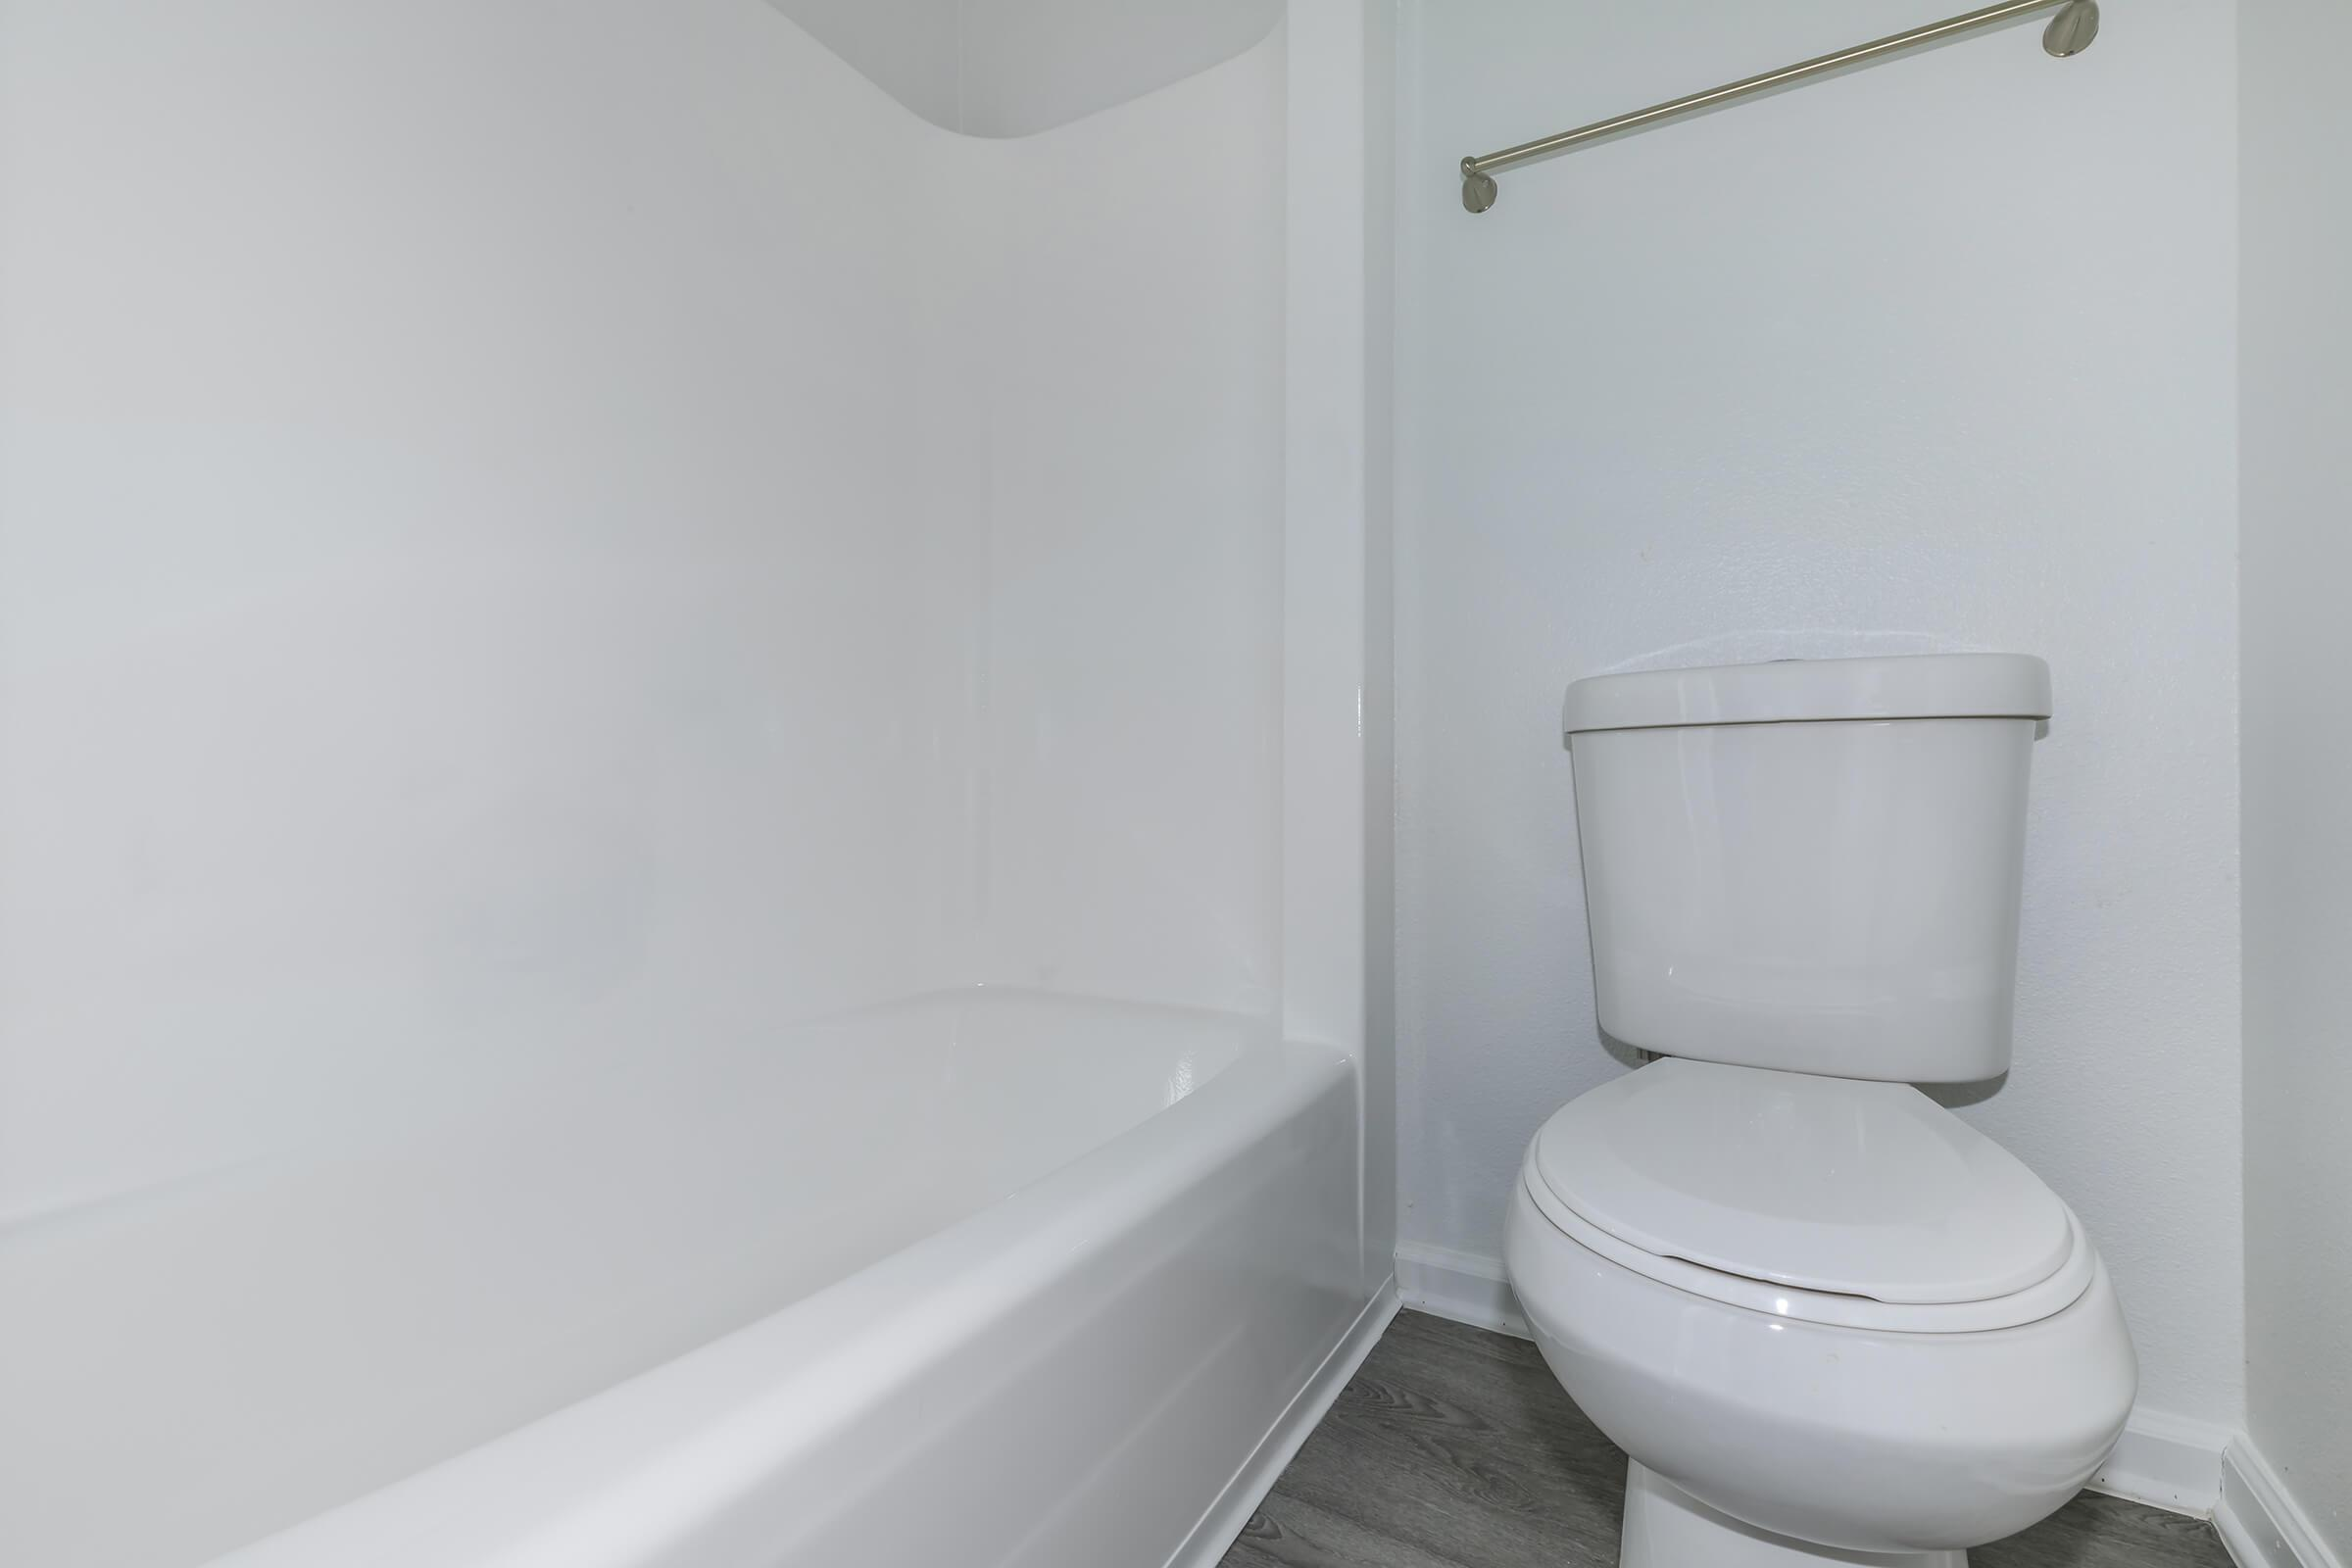 Bathroom at The Lake in Fullerton, CA